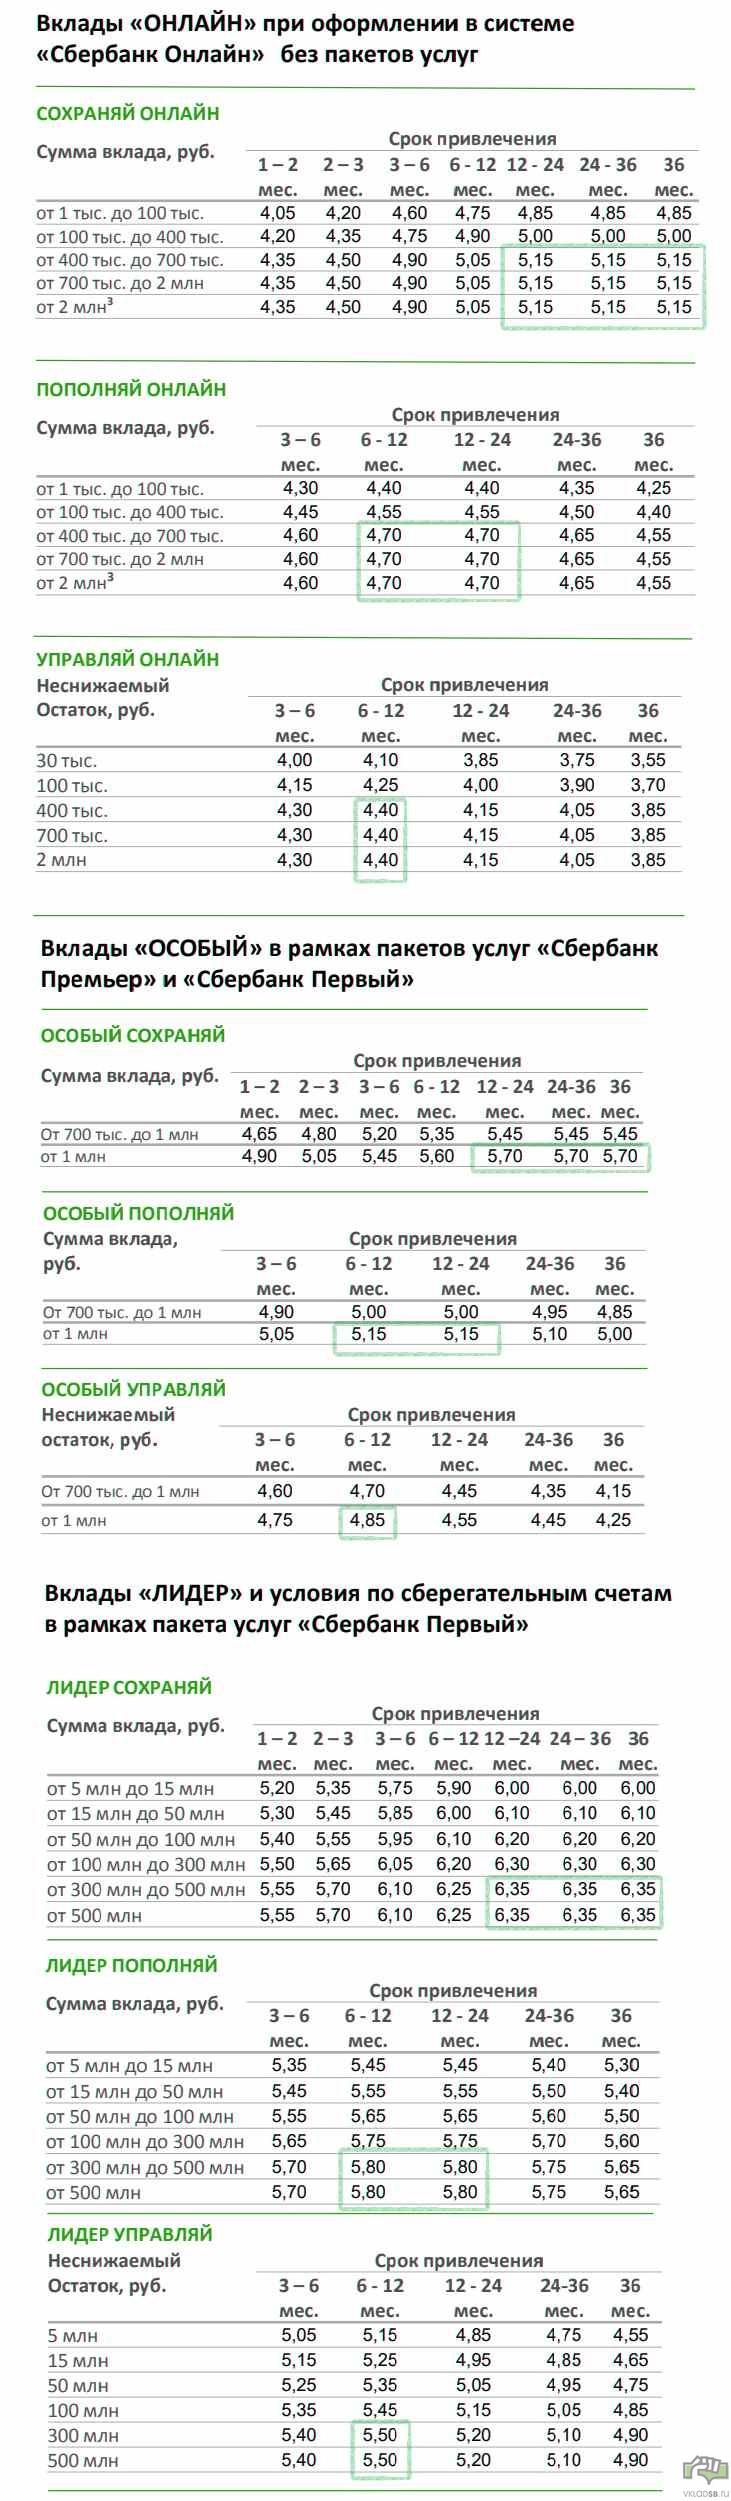 Сравнительная таблица выгодных вкладов в Сбербанке на сегодня